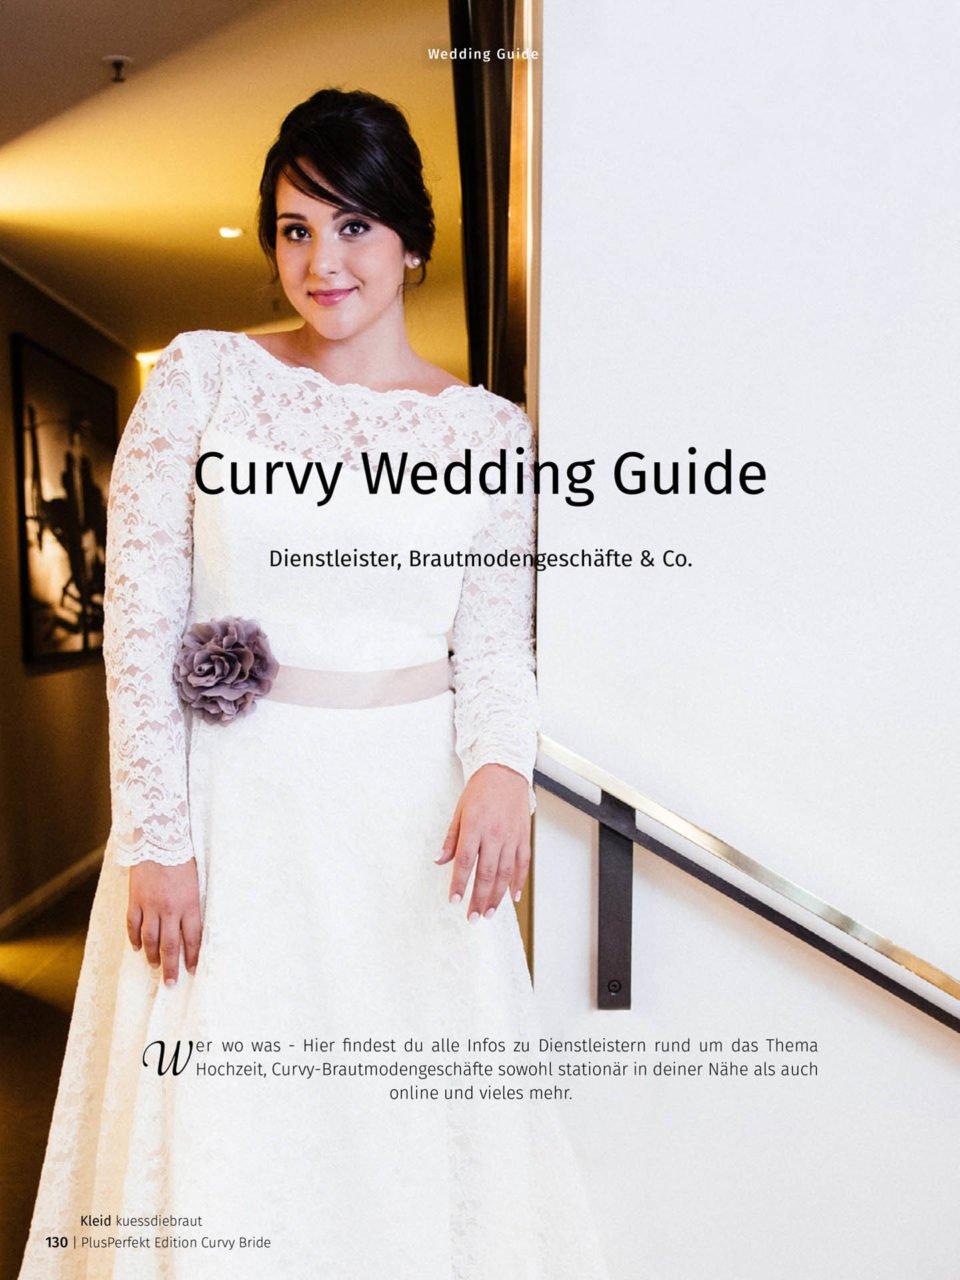 Curvy Bride Edition mit Wedding Guide